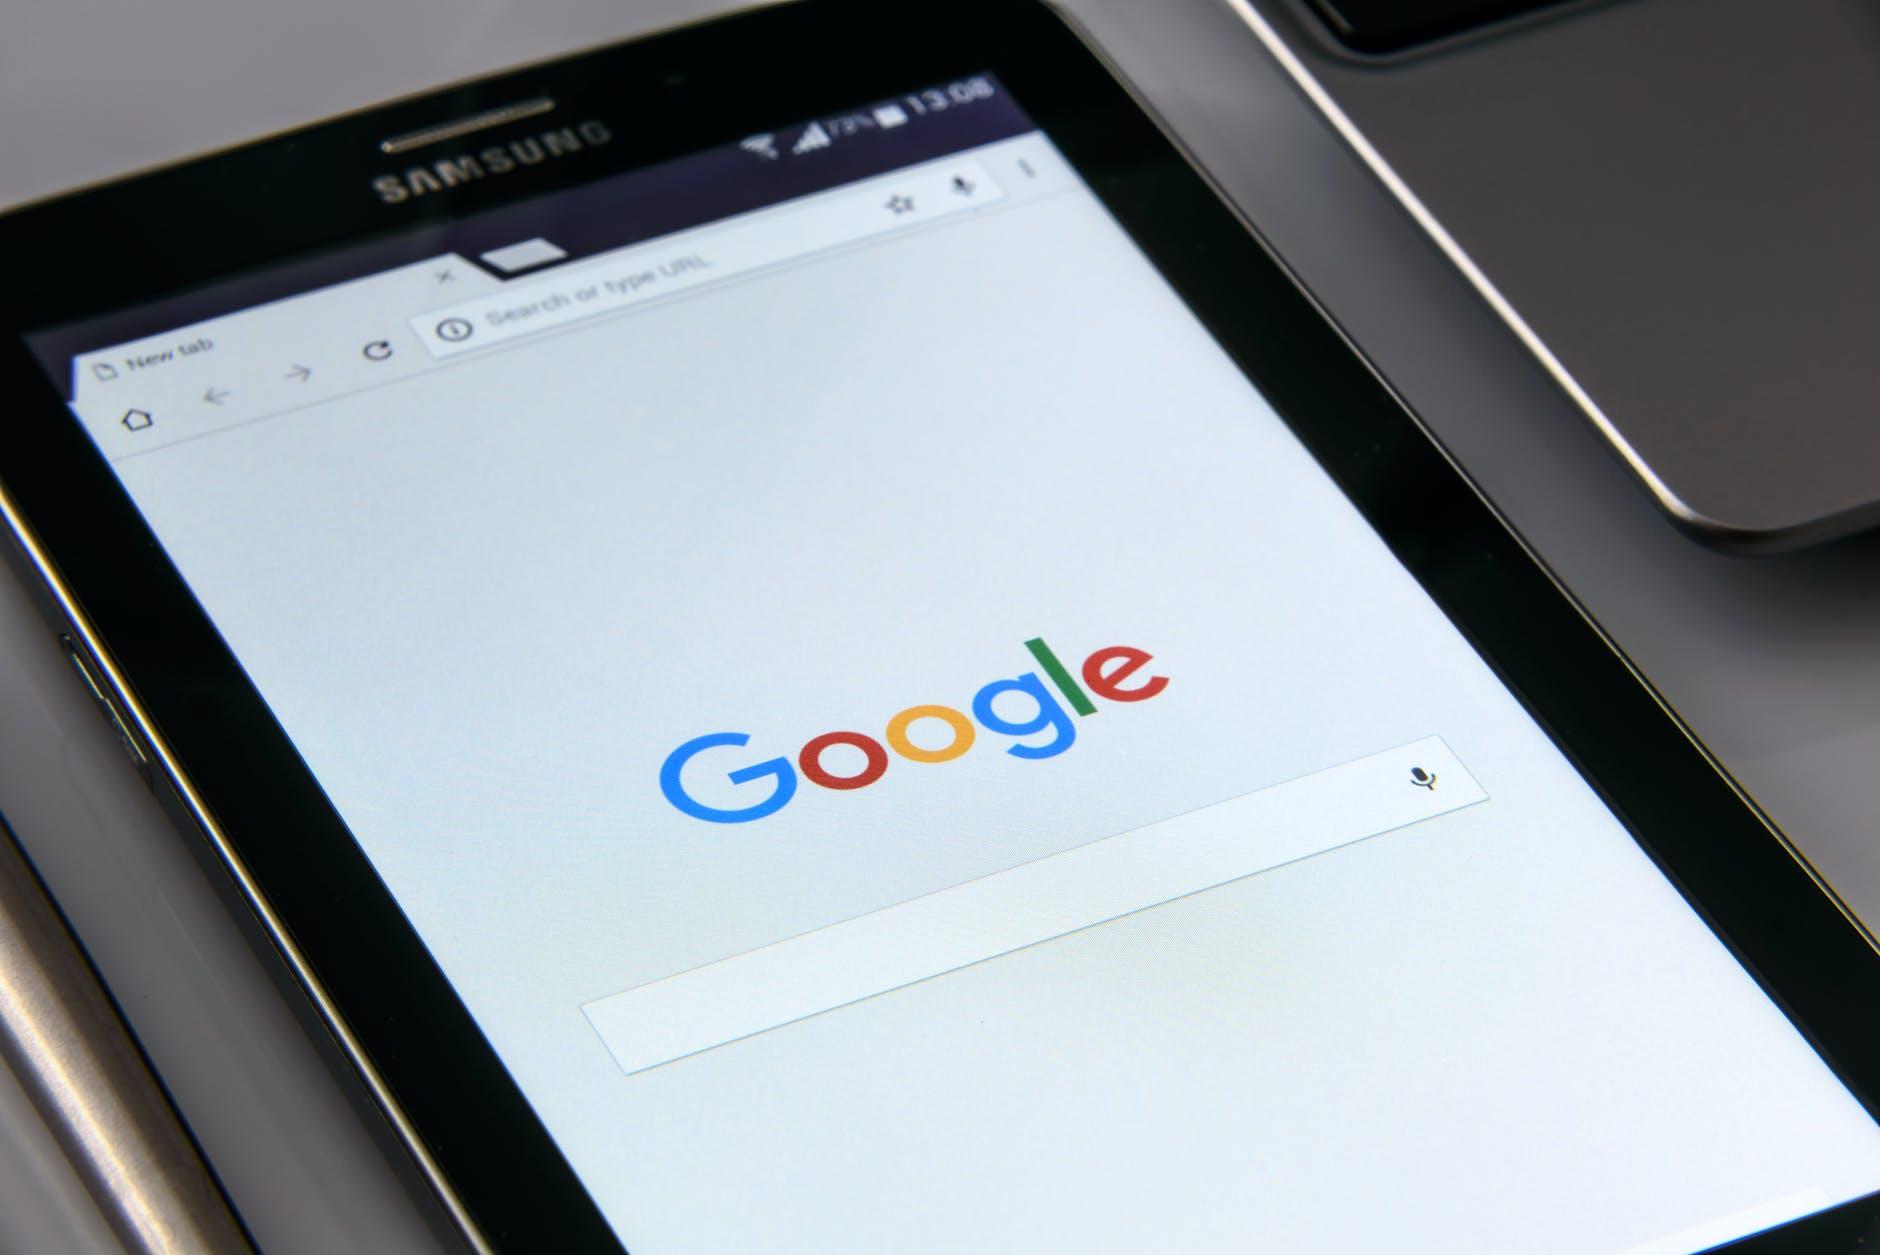 Google lesson plans